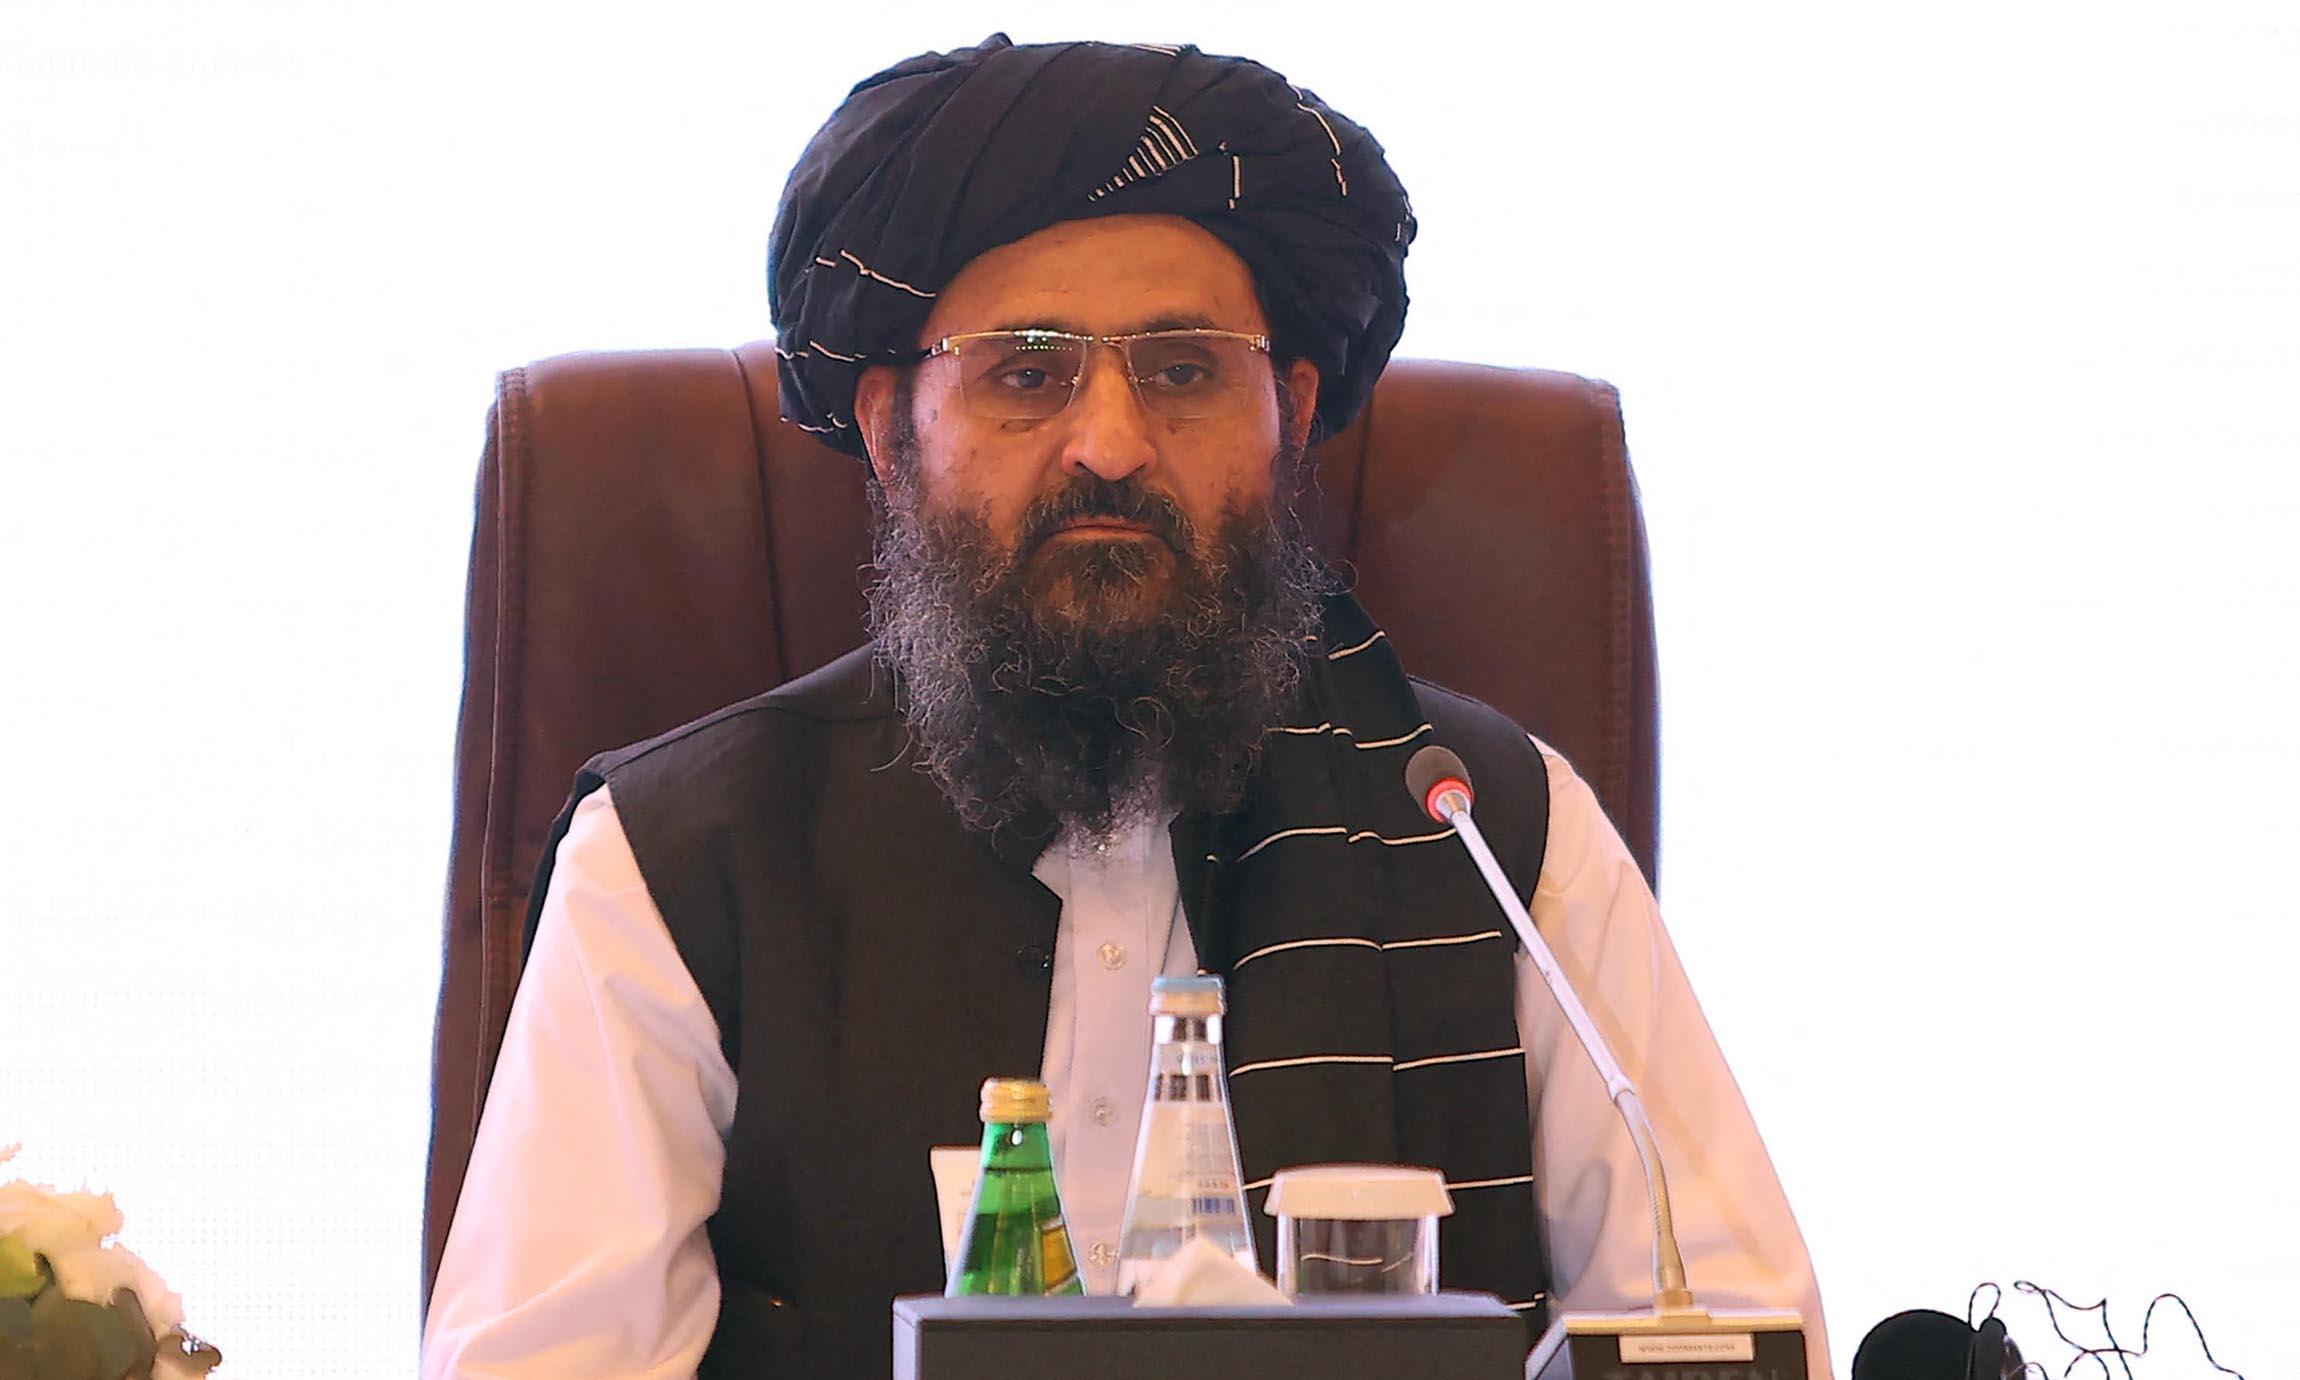 Mullah Baradar trong cuộc đàm phán giữa Taliban với chính phủ cũ của Afghanistan tại Doha, Qatar, hôm 18/7. Ảnh: AFP.